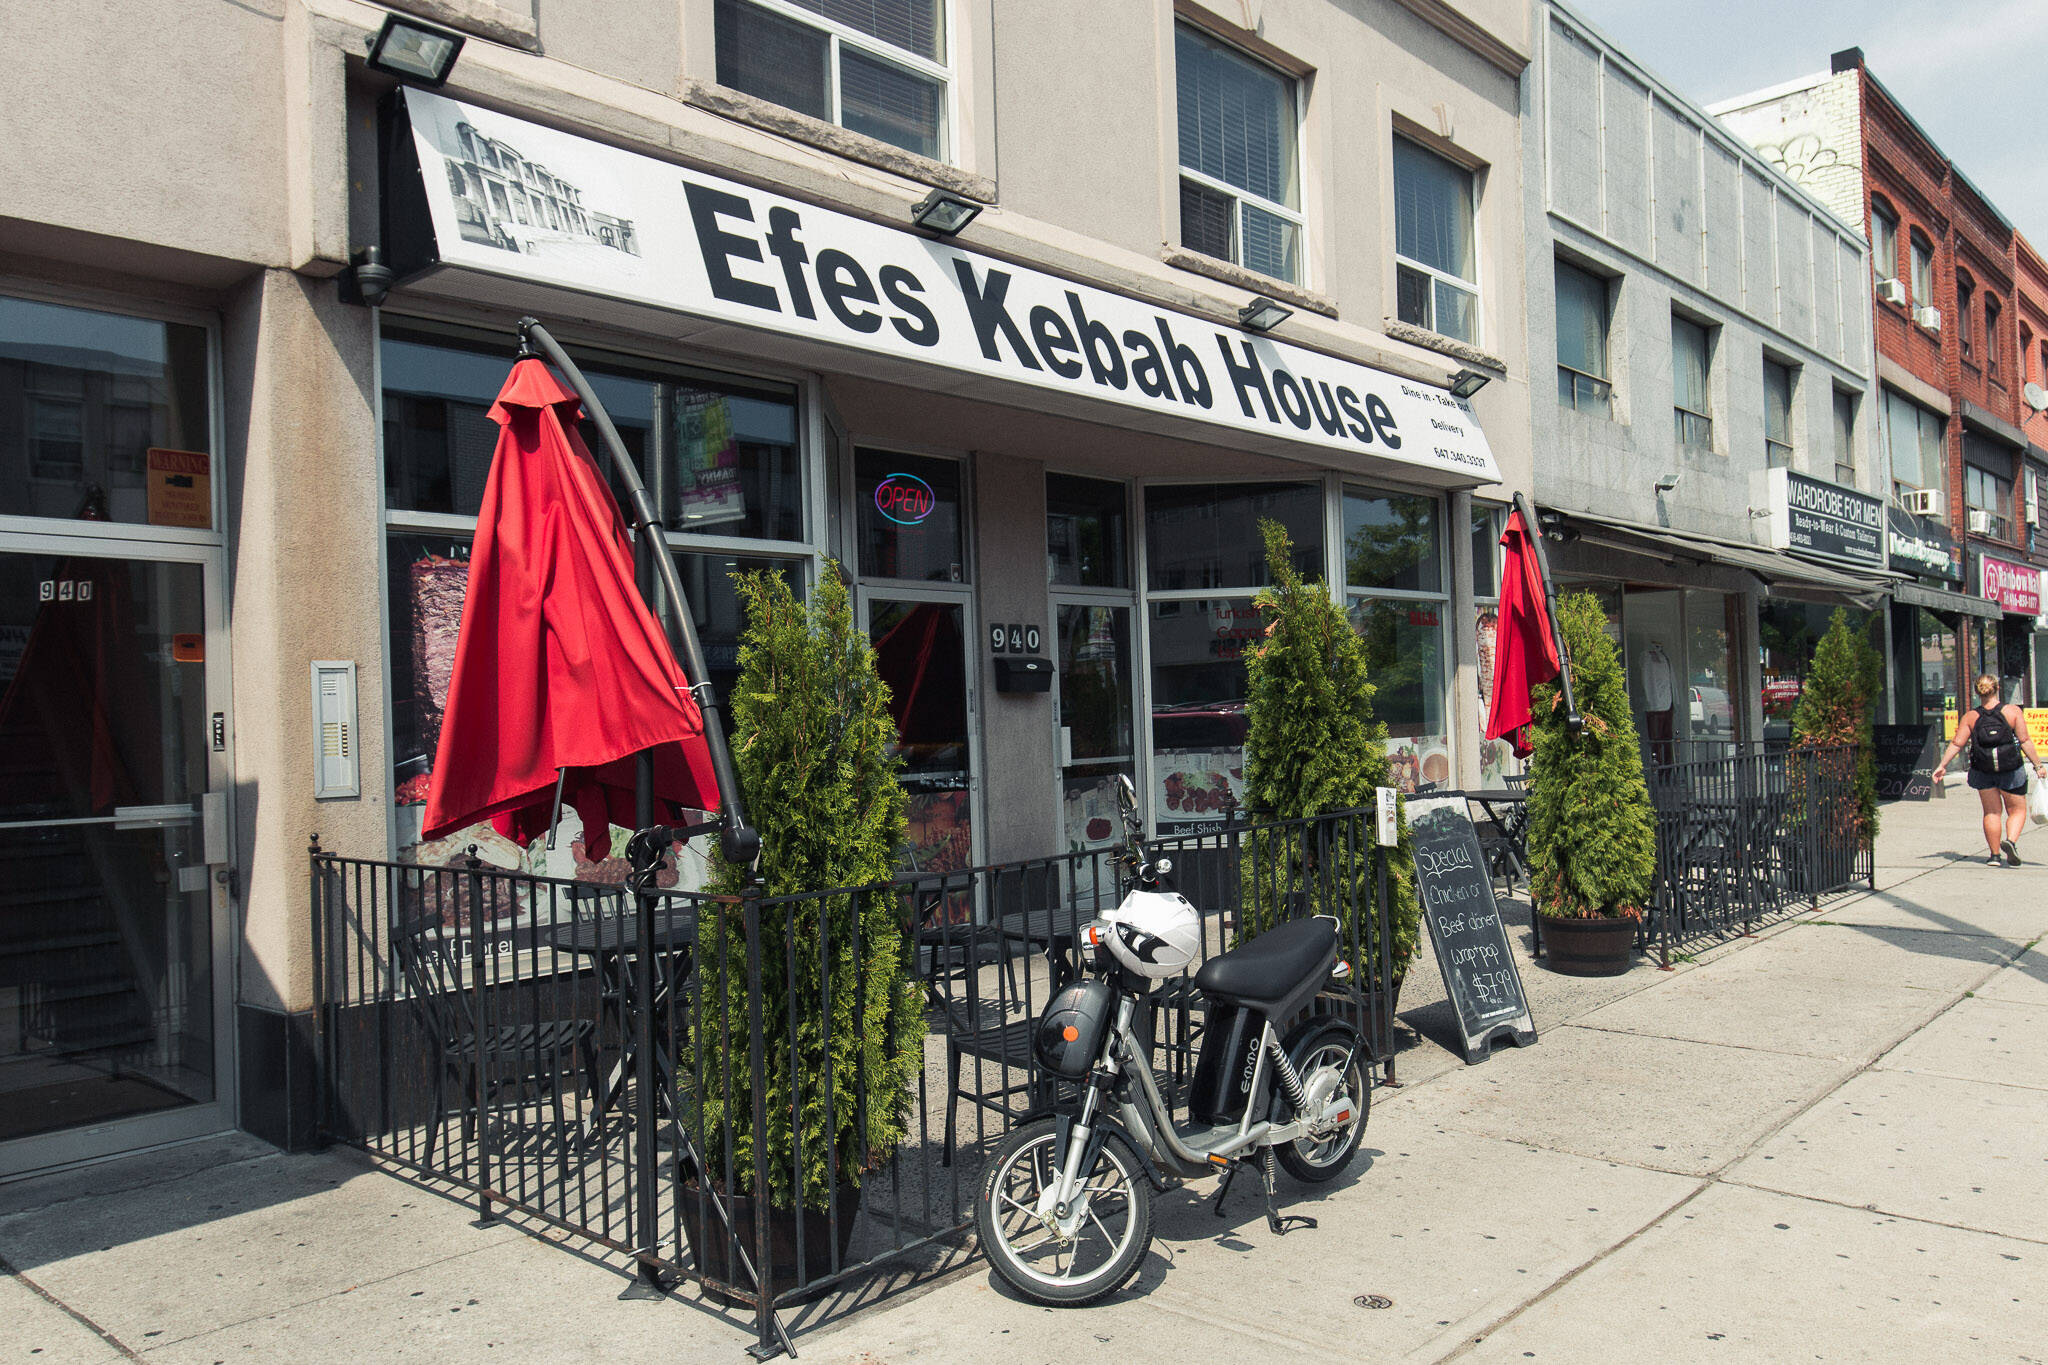 Efes Kebab House